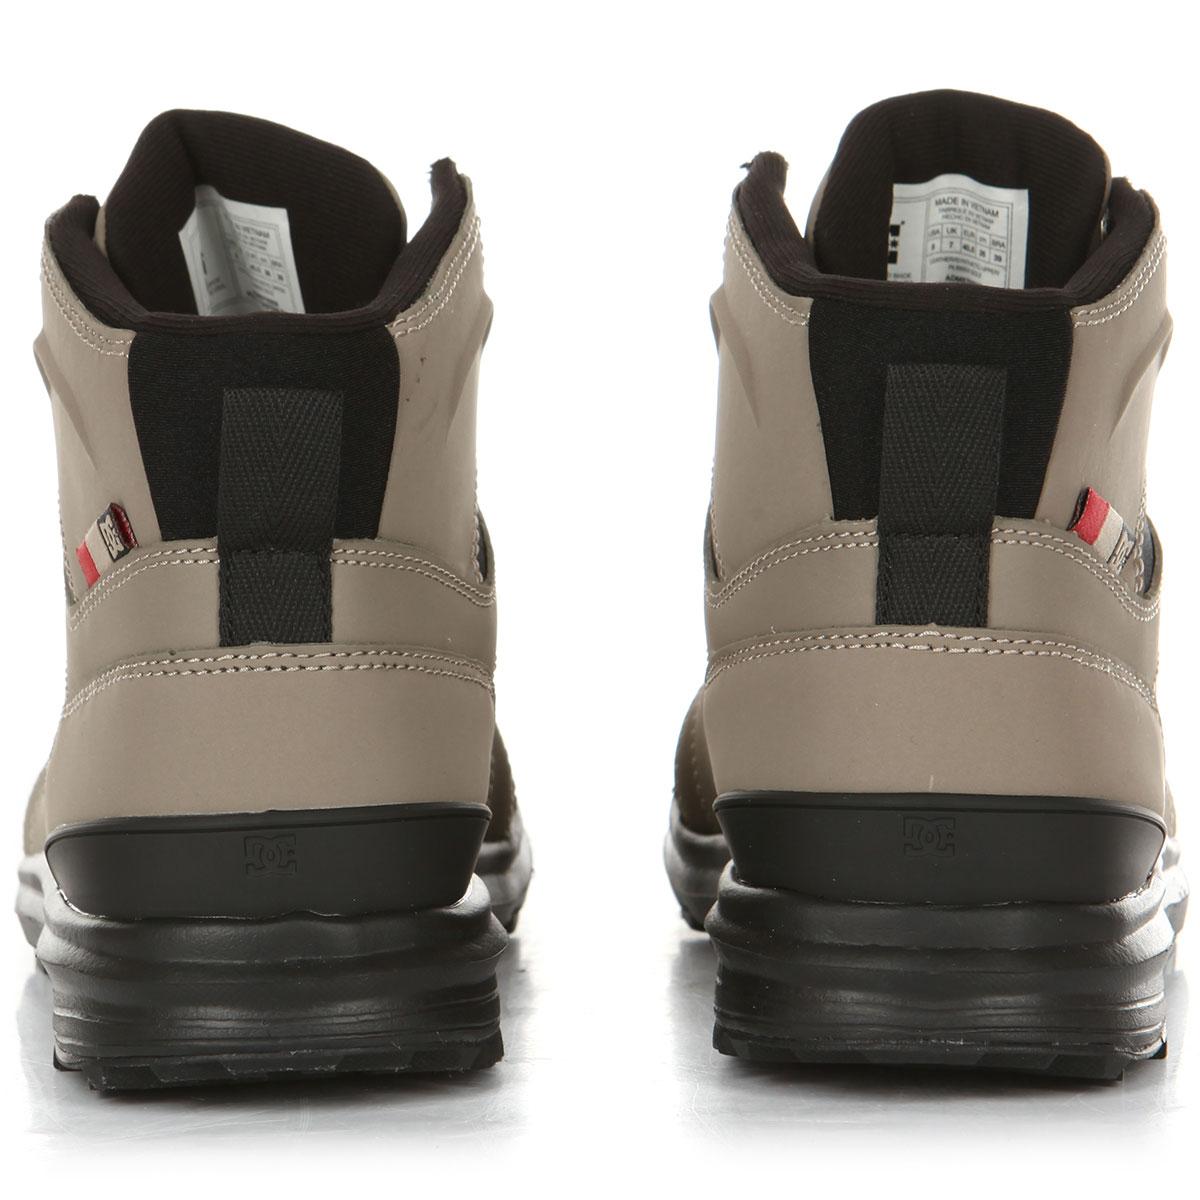 bff076cb968c Купить ботинки высокие DC Torstein Timber (ADMB700008-TMB) в ...